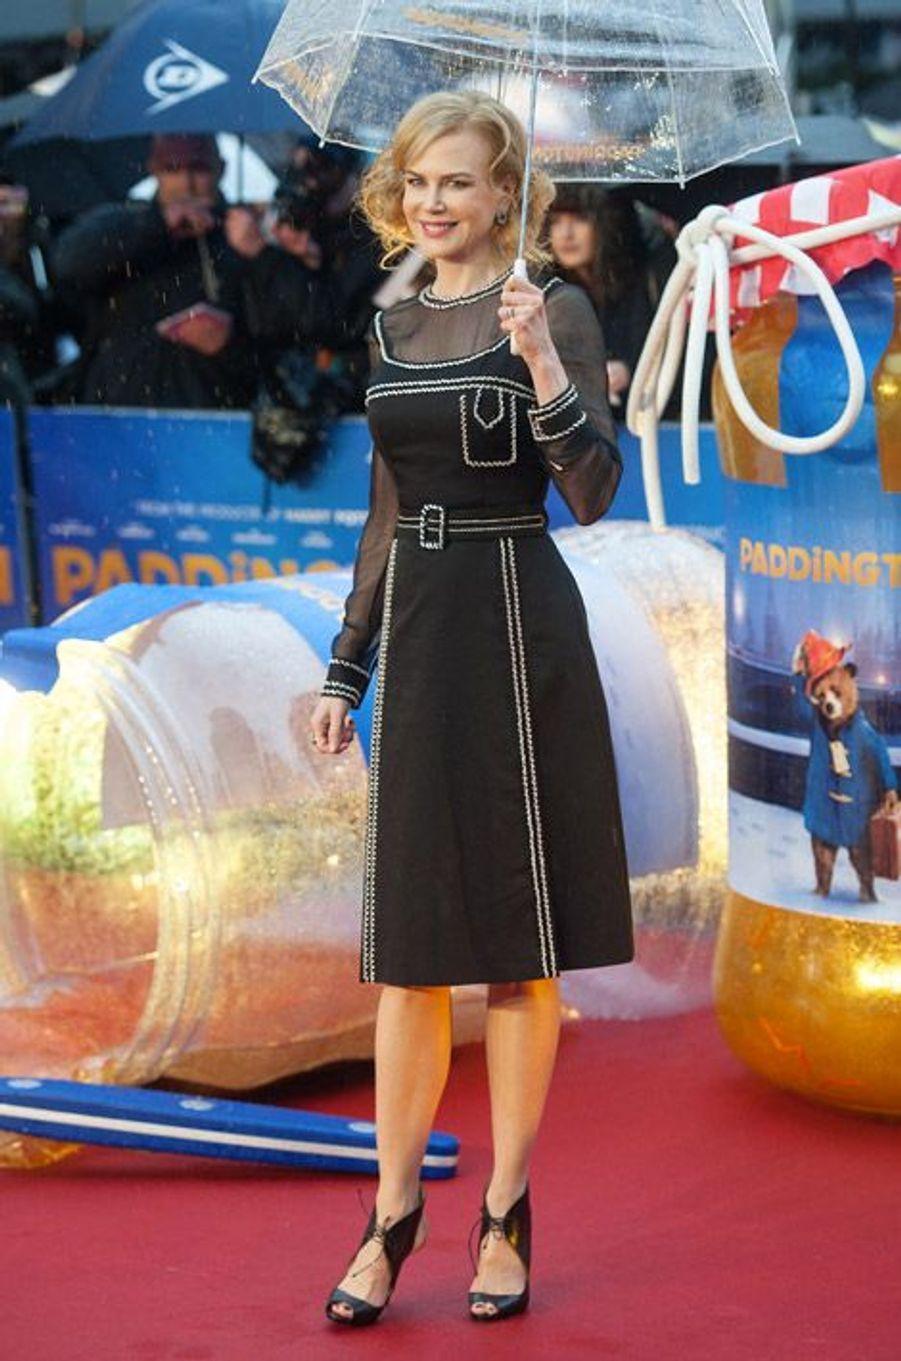 """Nicole Kidman en Christian Louboutin pour la première de """"Paddington"""" à Londres, le 23 novembre 2014"""